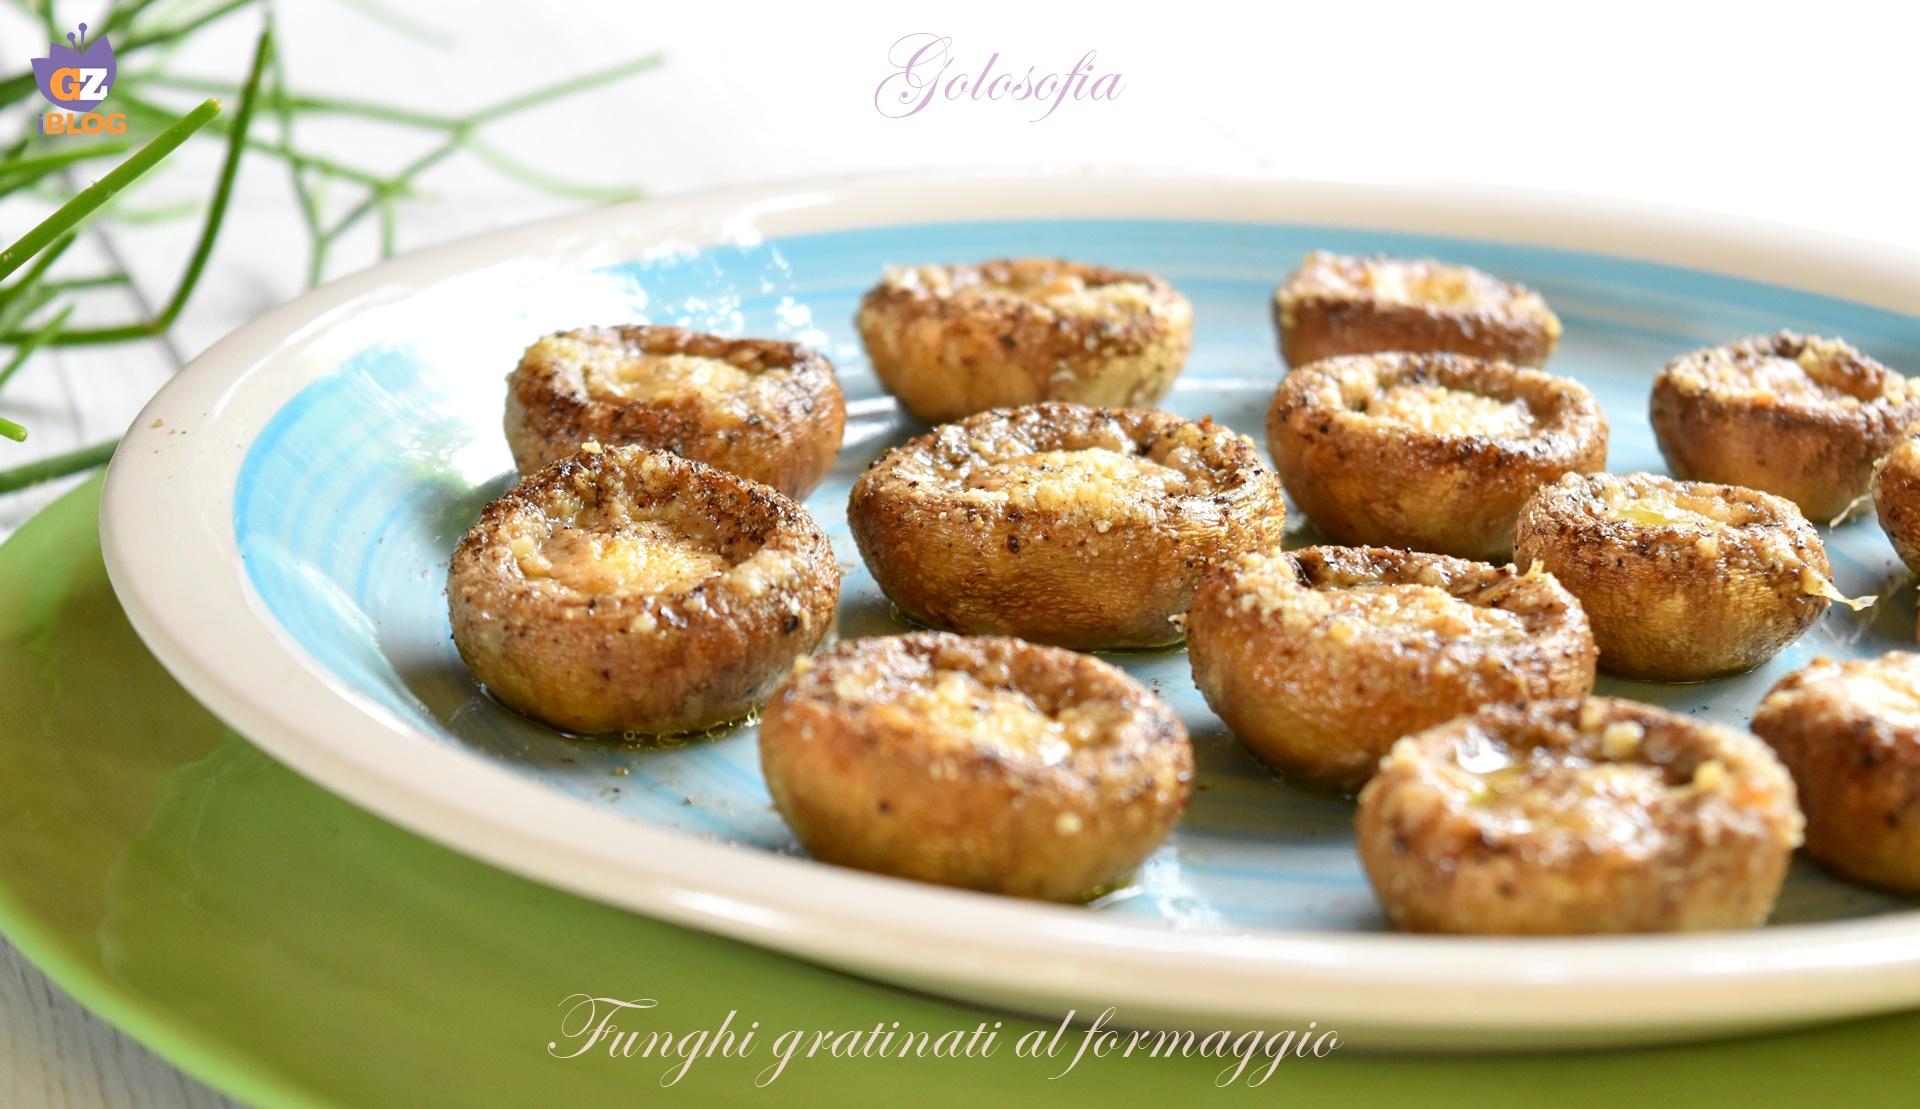 funghi gratinati al formaggio-ricetta contorni-golosofia